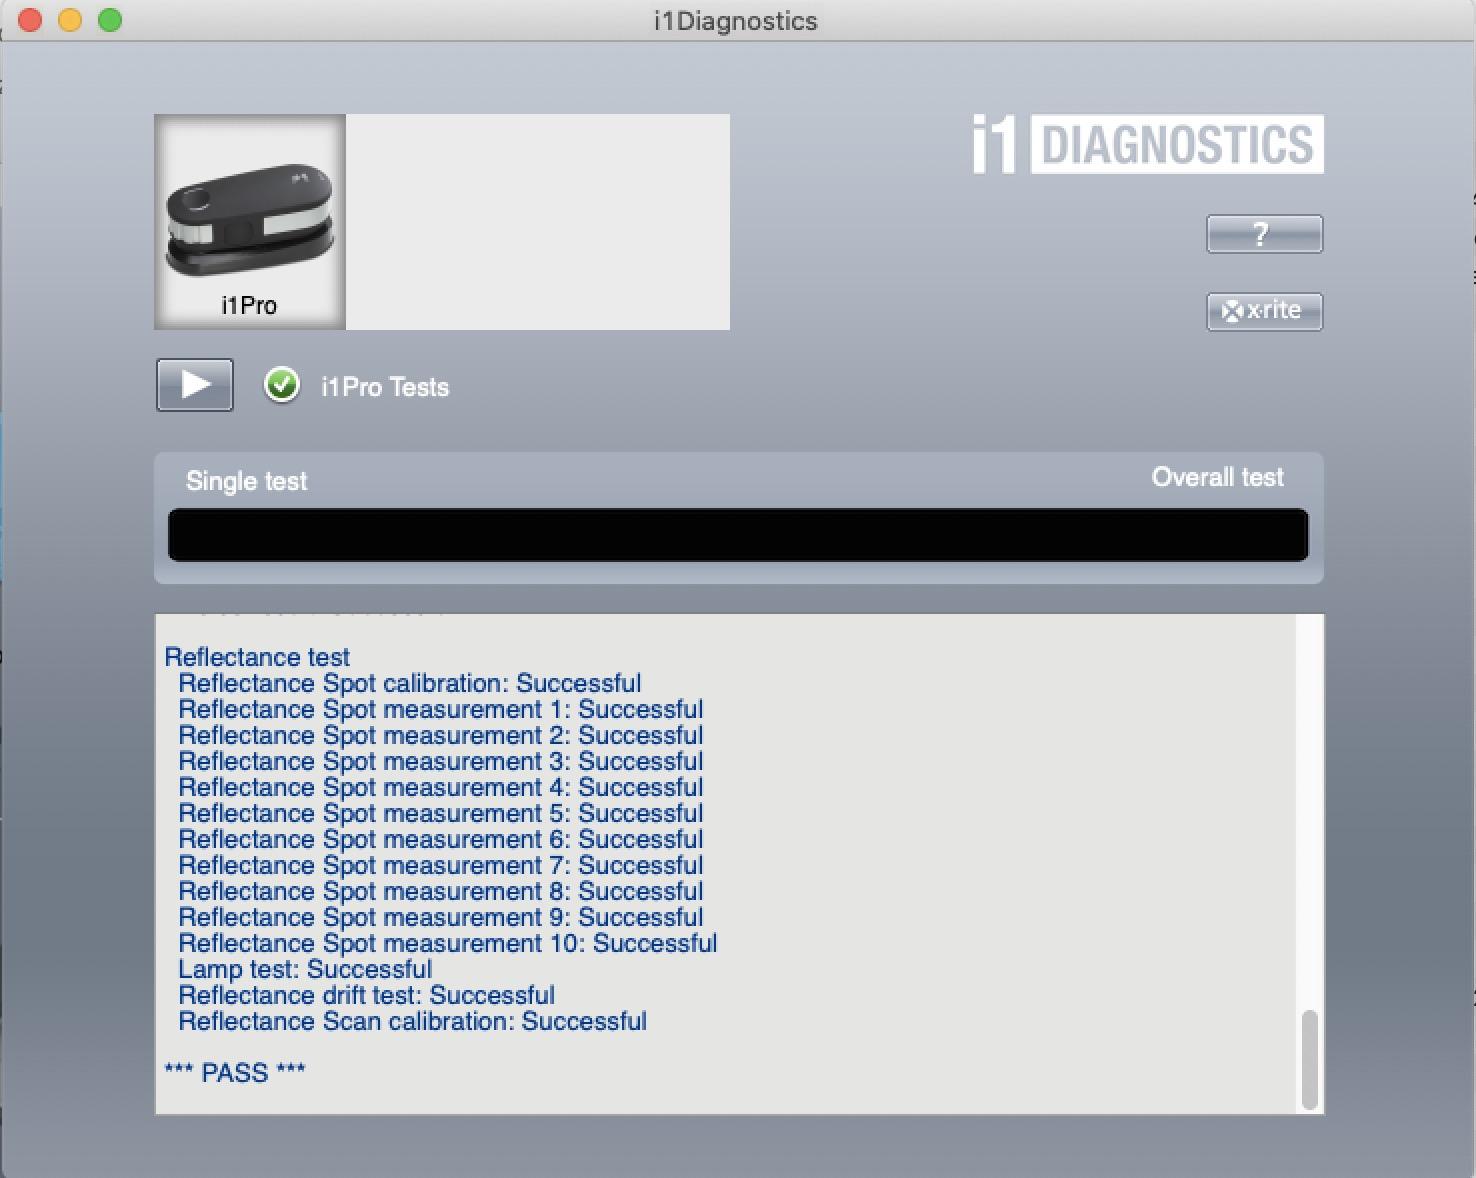 Zrzut ekranu 2020-06-22 18.40.20.jpg